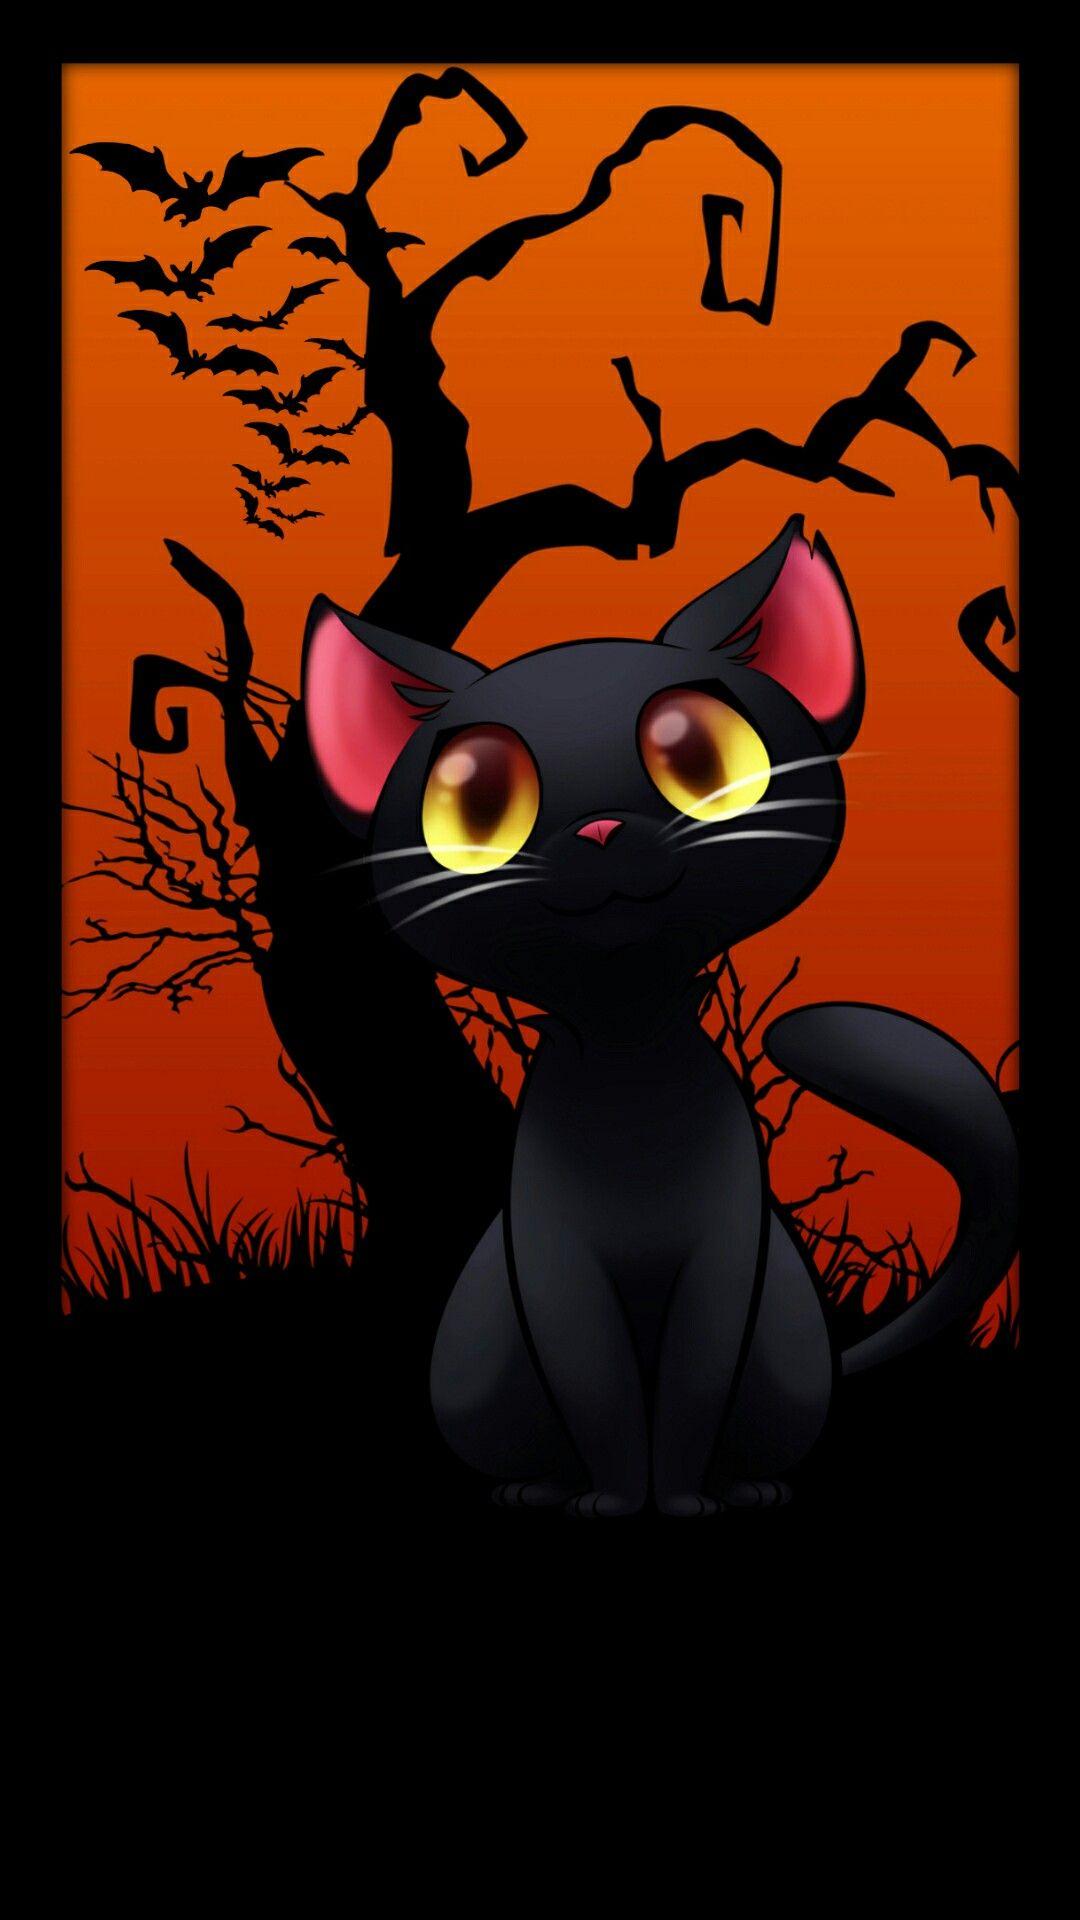 Halloween Black Cat Halloween wallpaper, Cat art, Cat